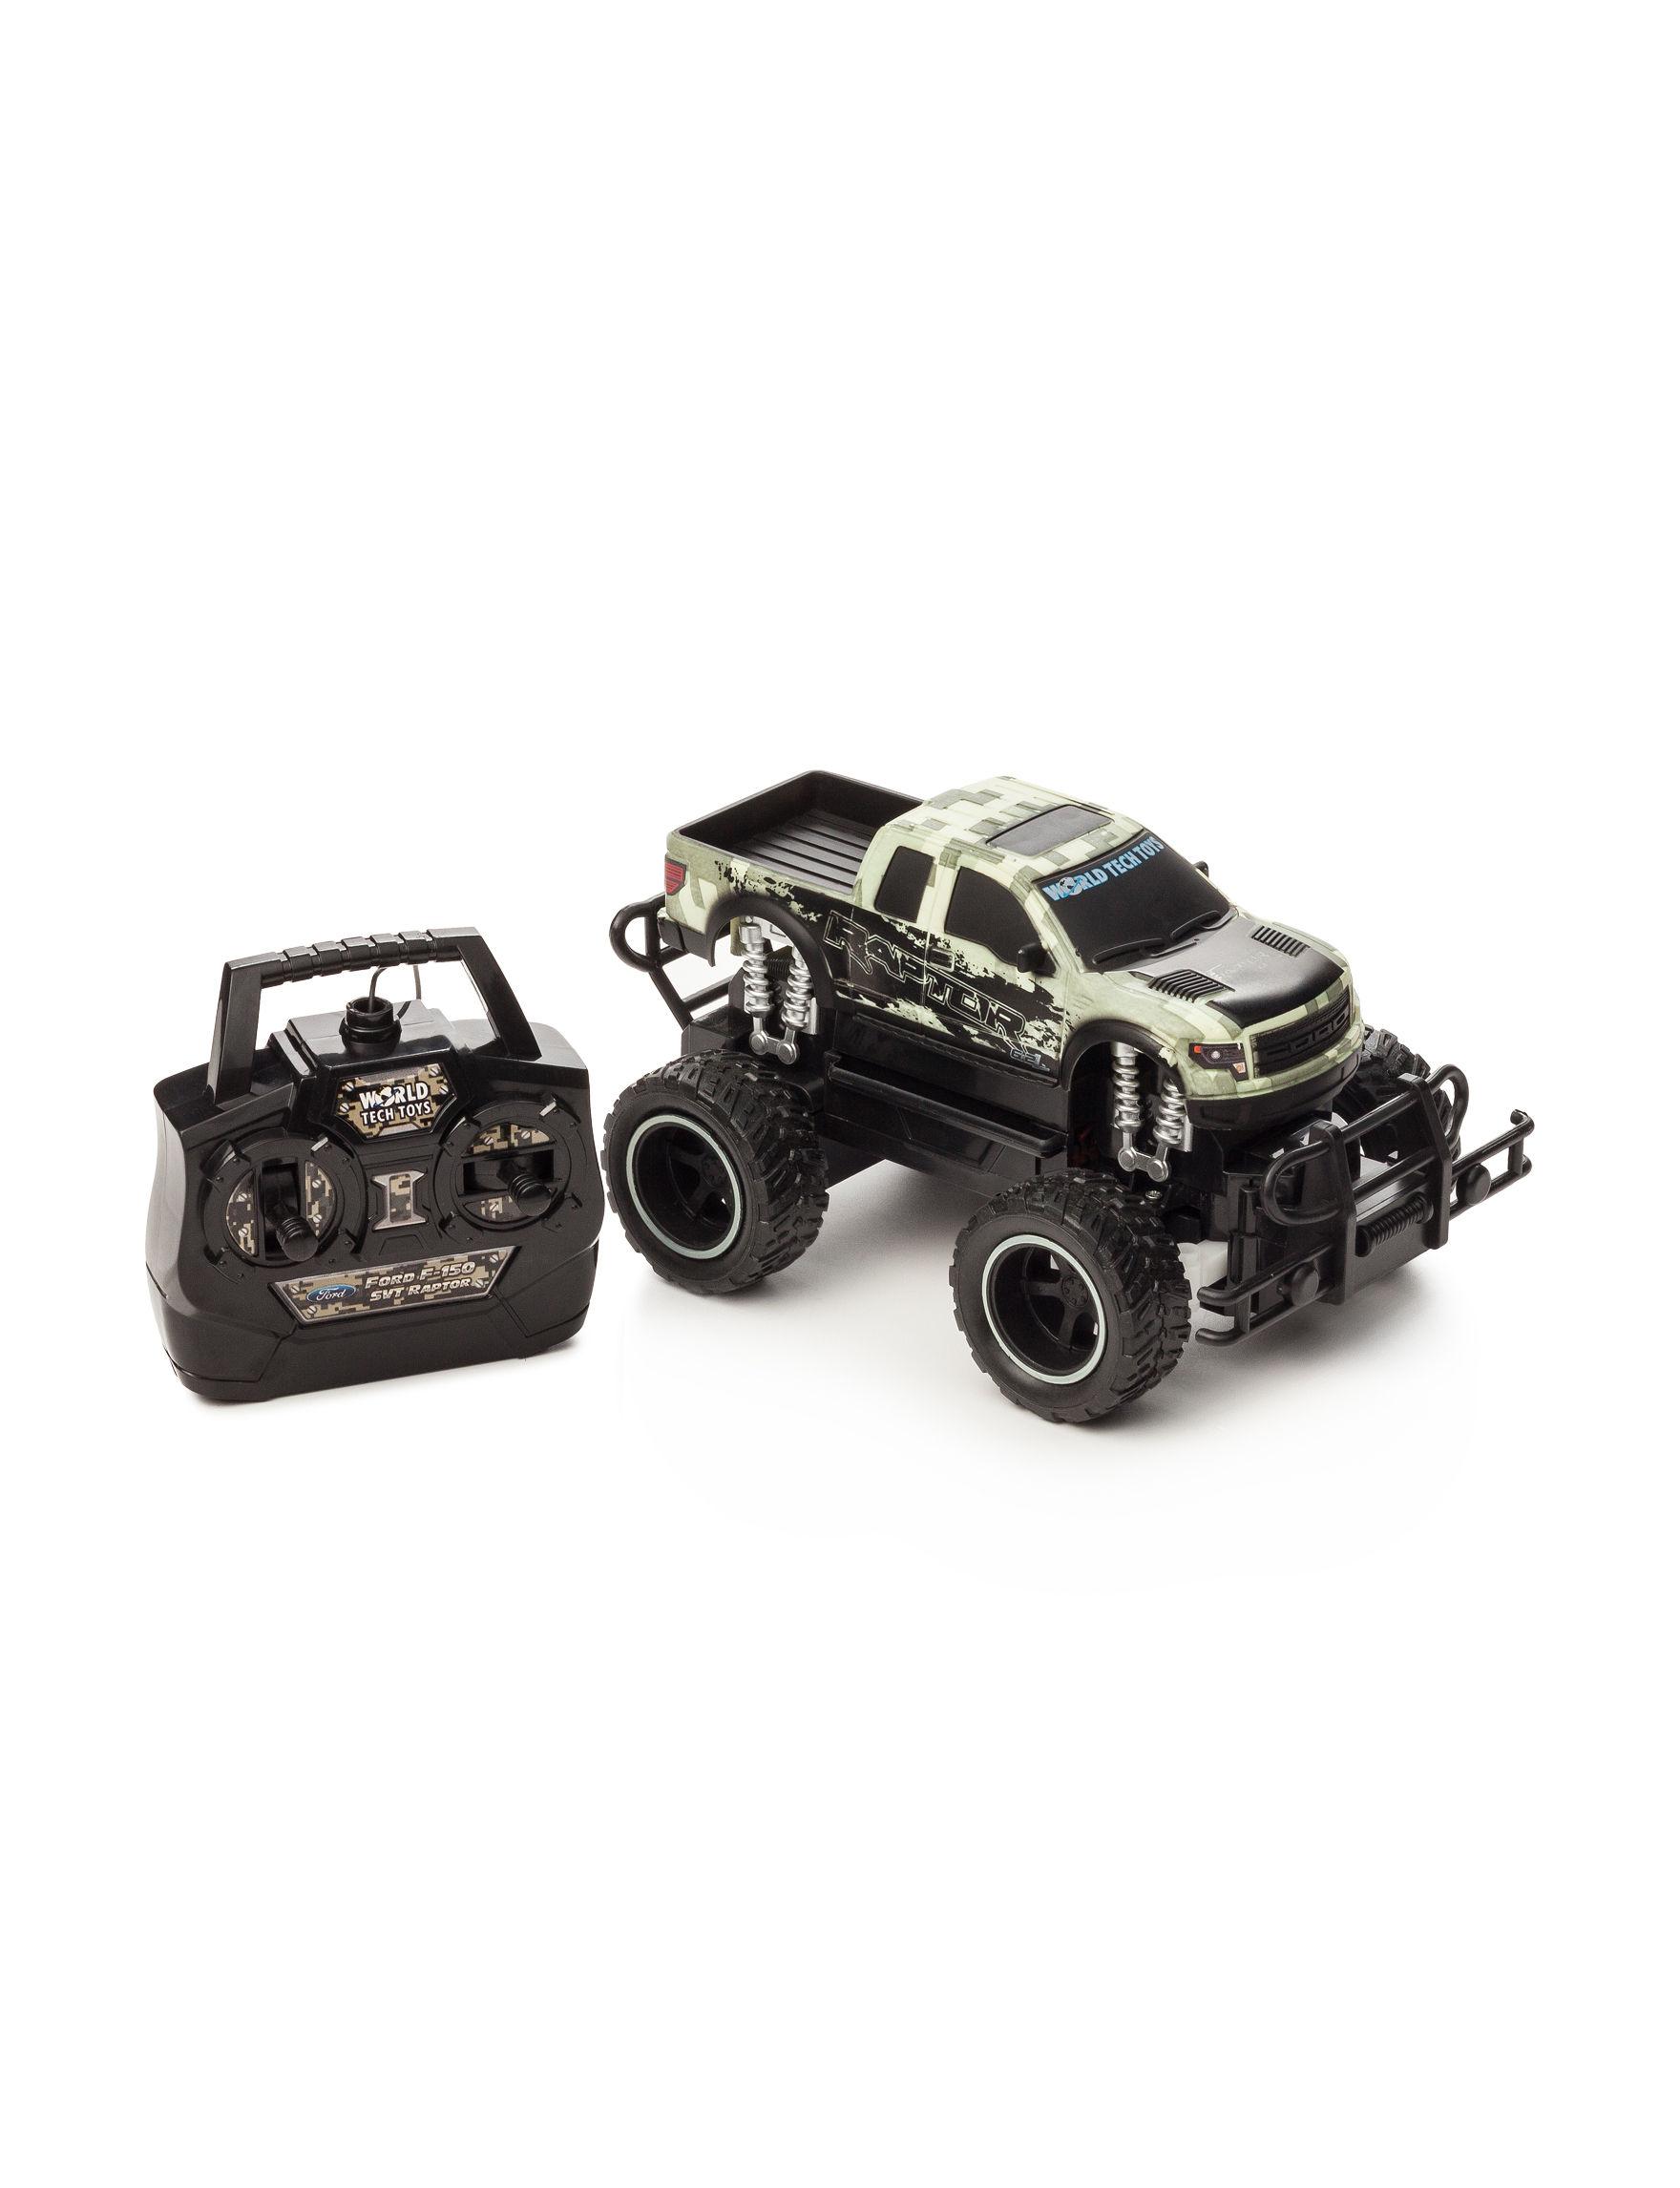 World Tech Toys Camo